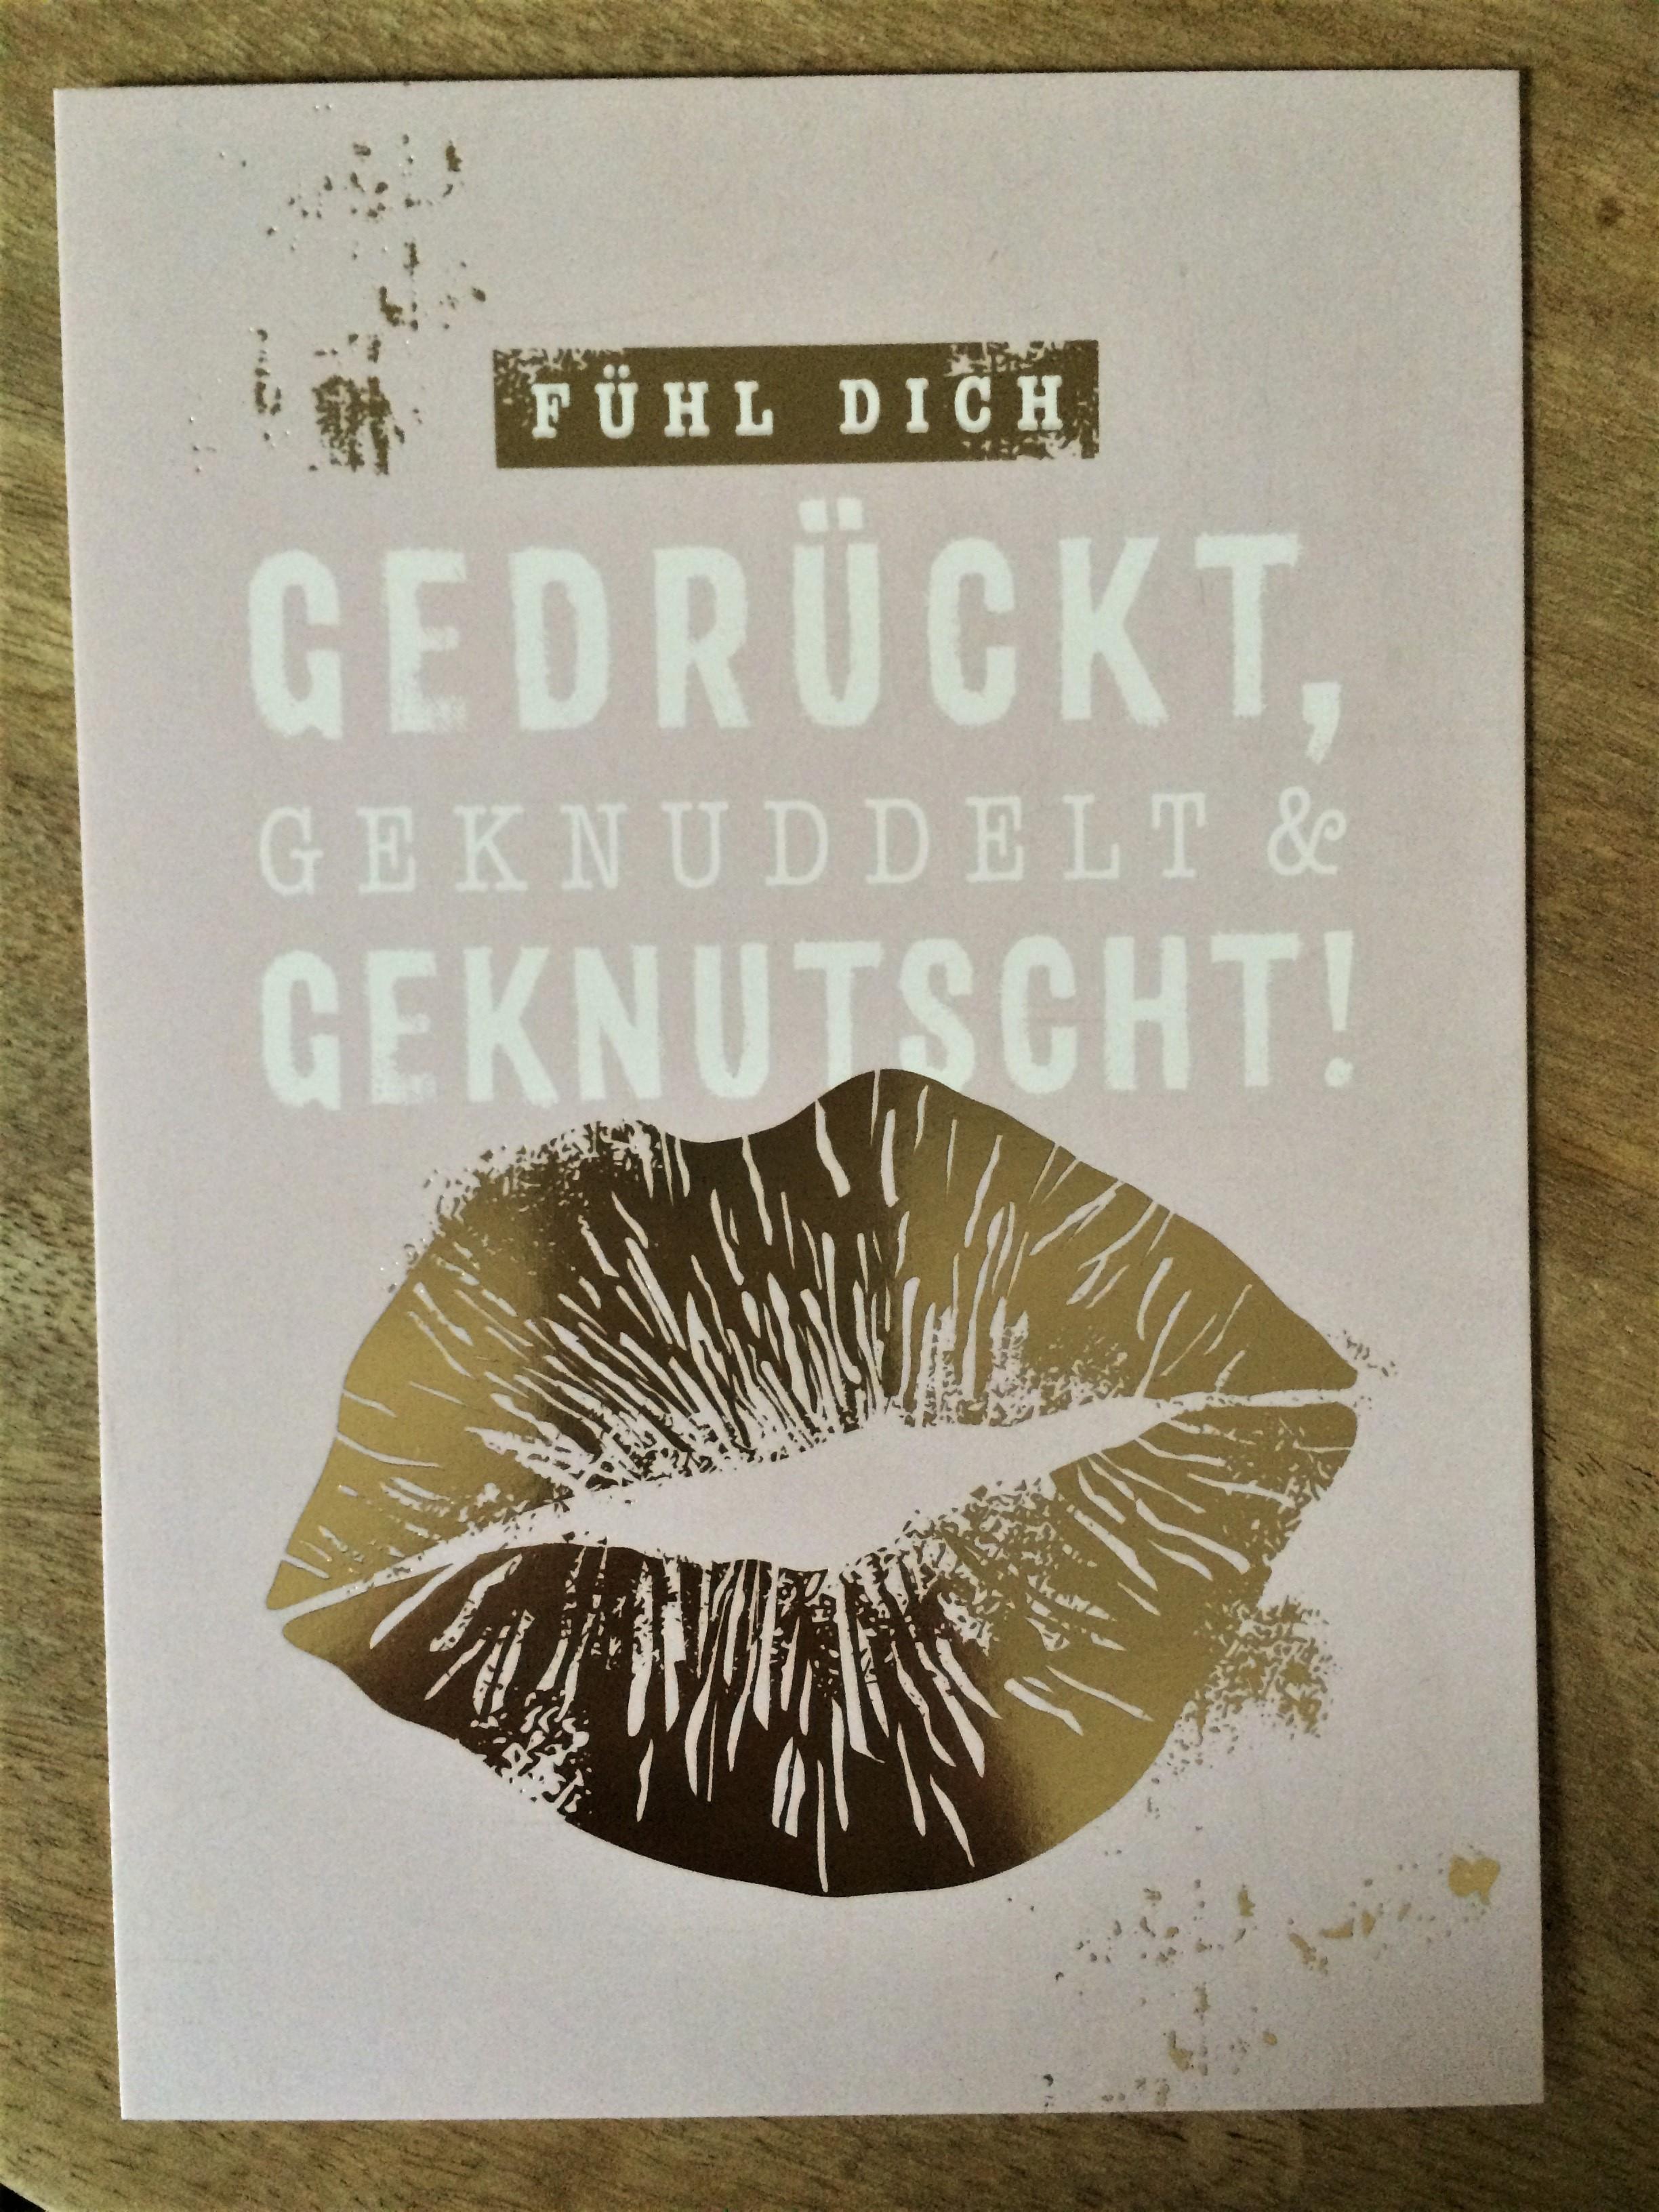 Nützlichgrusskarten - Postkarte Fühl dich gedrückt geknuddelt geknutscht - Onlineshop Tante Emmer